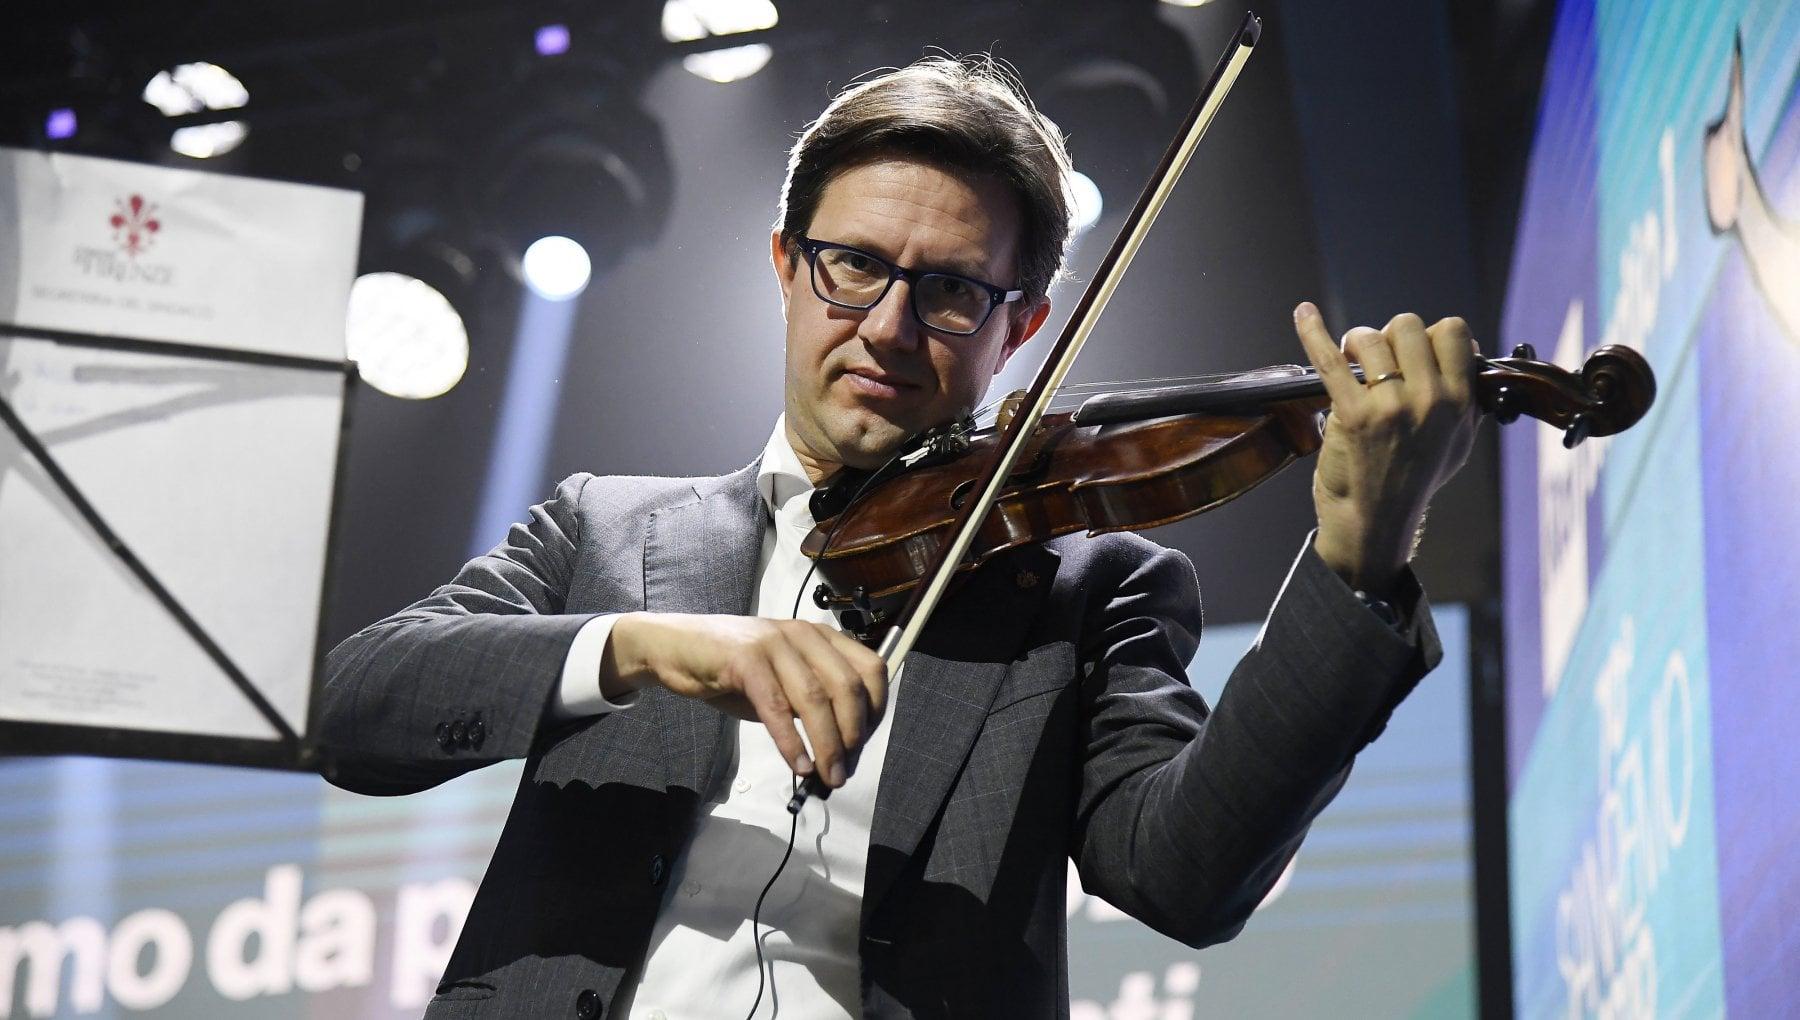 174412108 a4e68d4f a6a5 4d07 880b d61cc9a7baed - Il sindaco Nardella suona il violino alla serata di beneficenza, al tavolo c'è anche Paolo Berlusconi